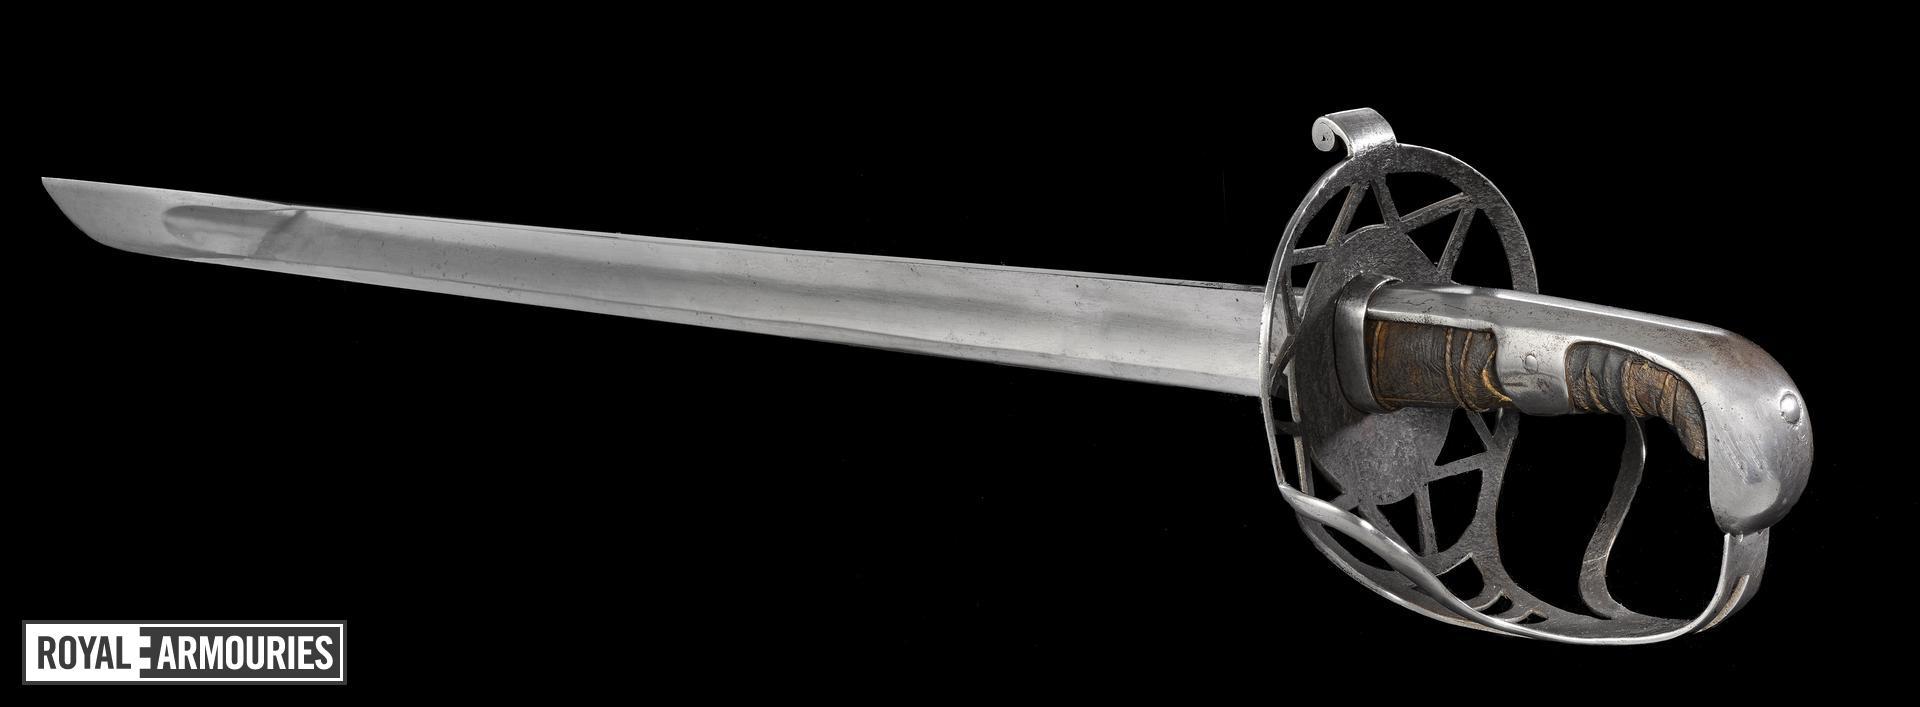 Sword Basket hilt sword